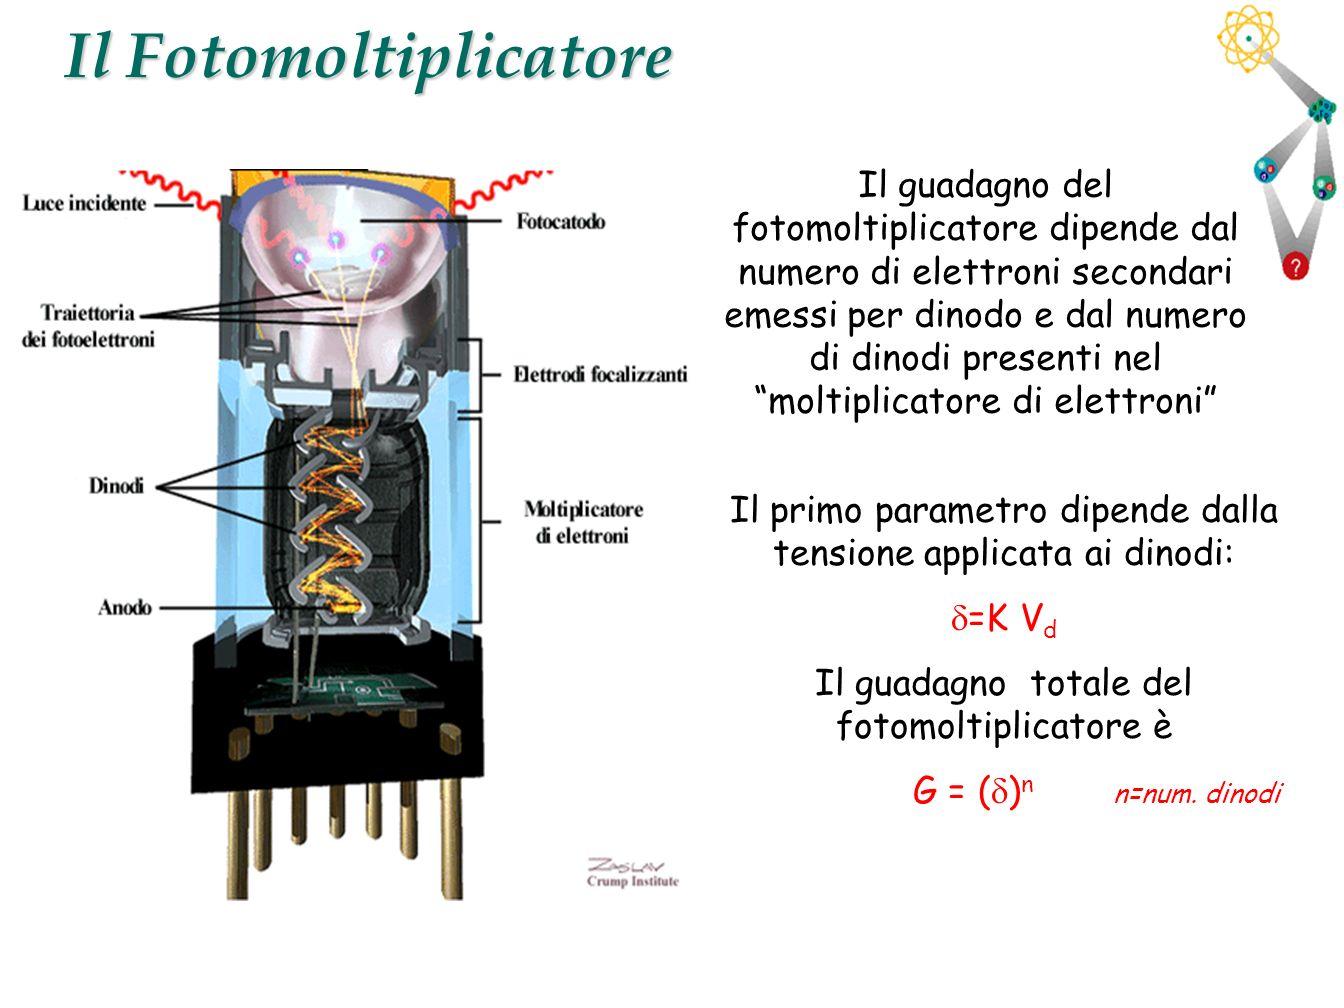 Il Fotomoltiplicatore